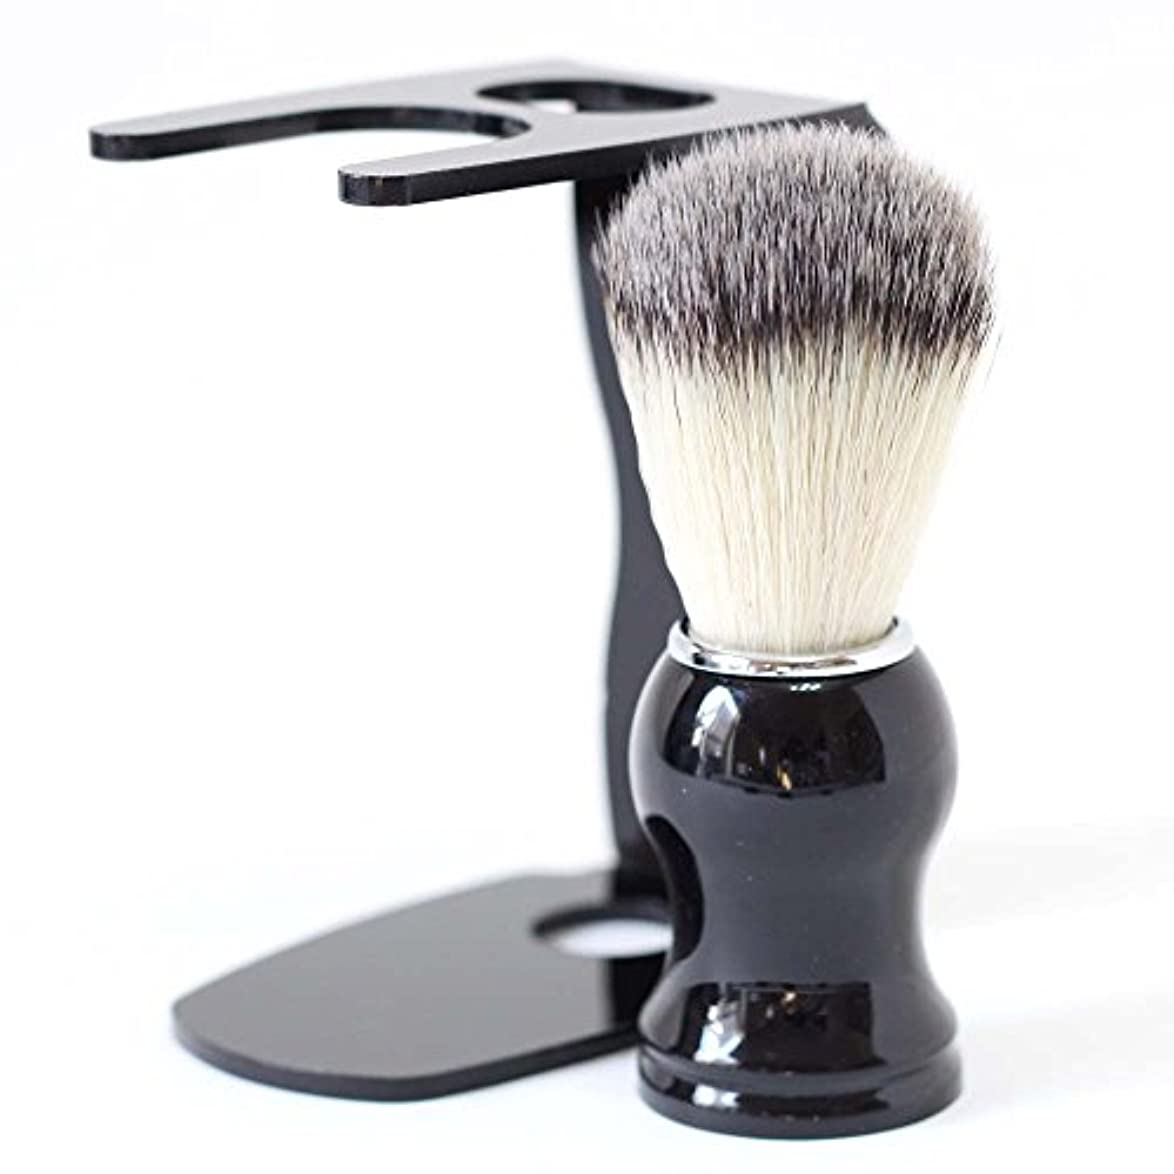 眠っている星シャーク【Barsado】泡立ちが違う 100% アナグマ 毛 シェービング ブラシ スタンド付き/理容 洗顔 髭剃り マッサージ 効果